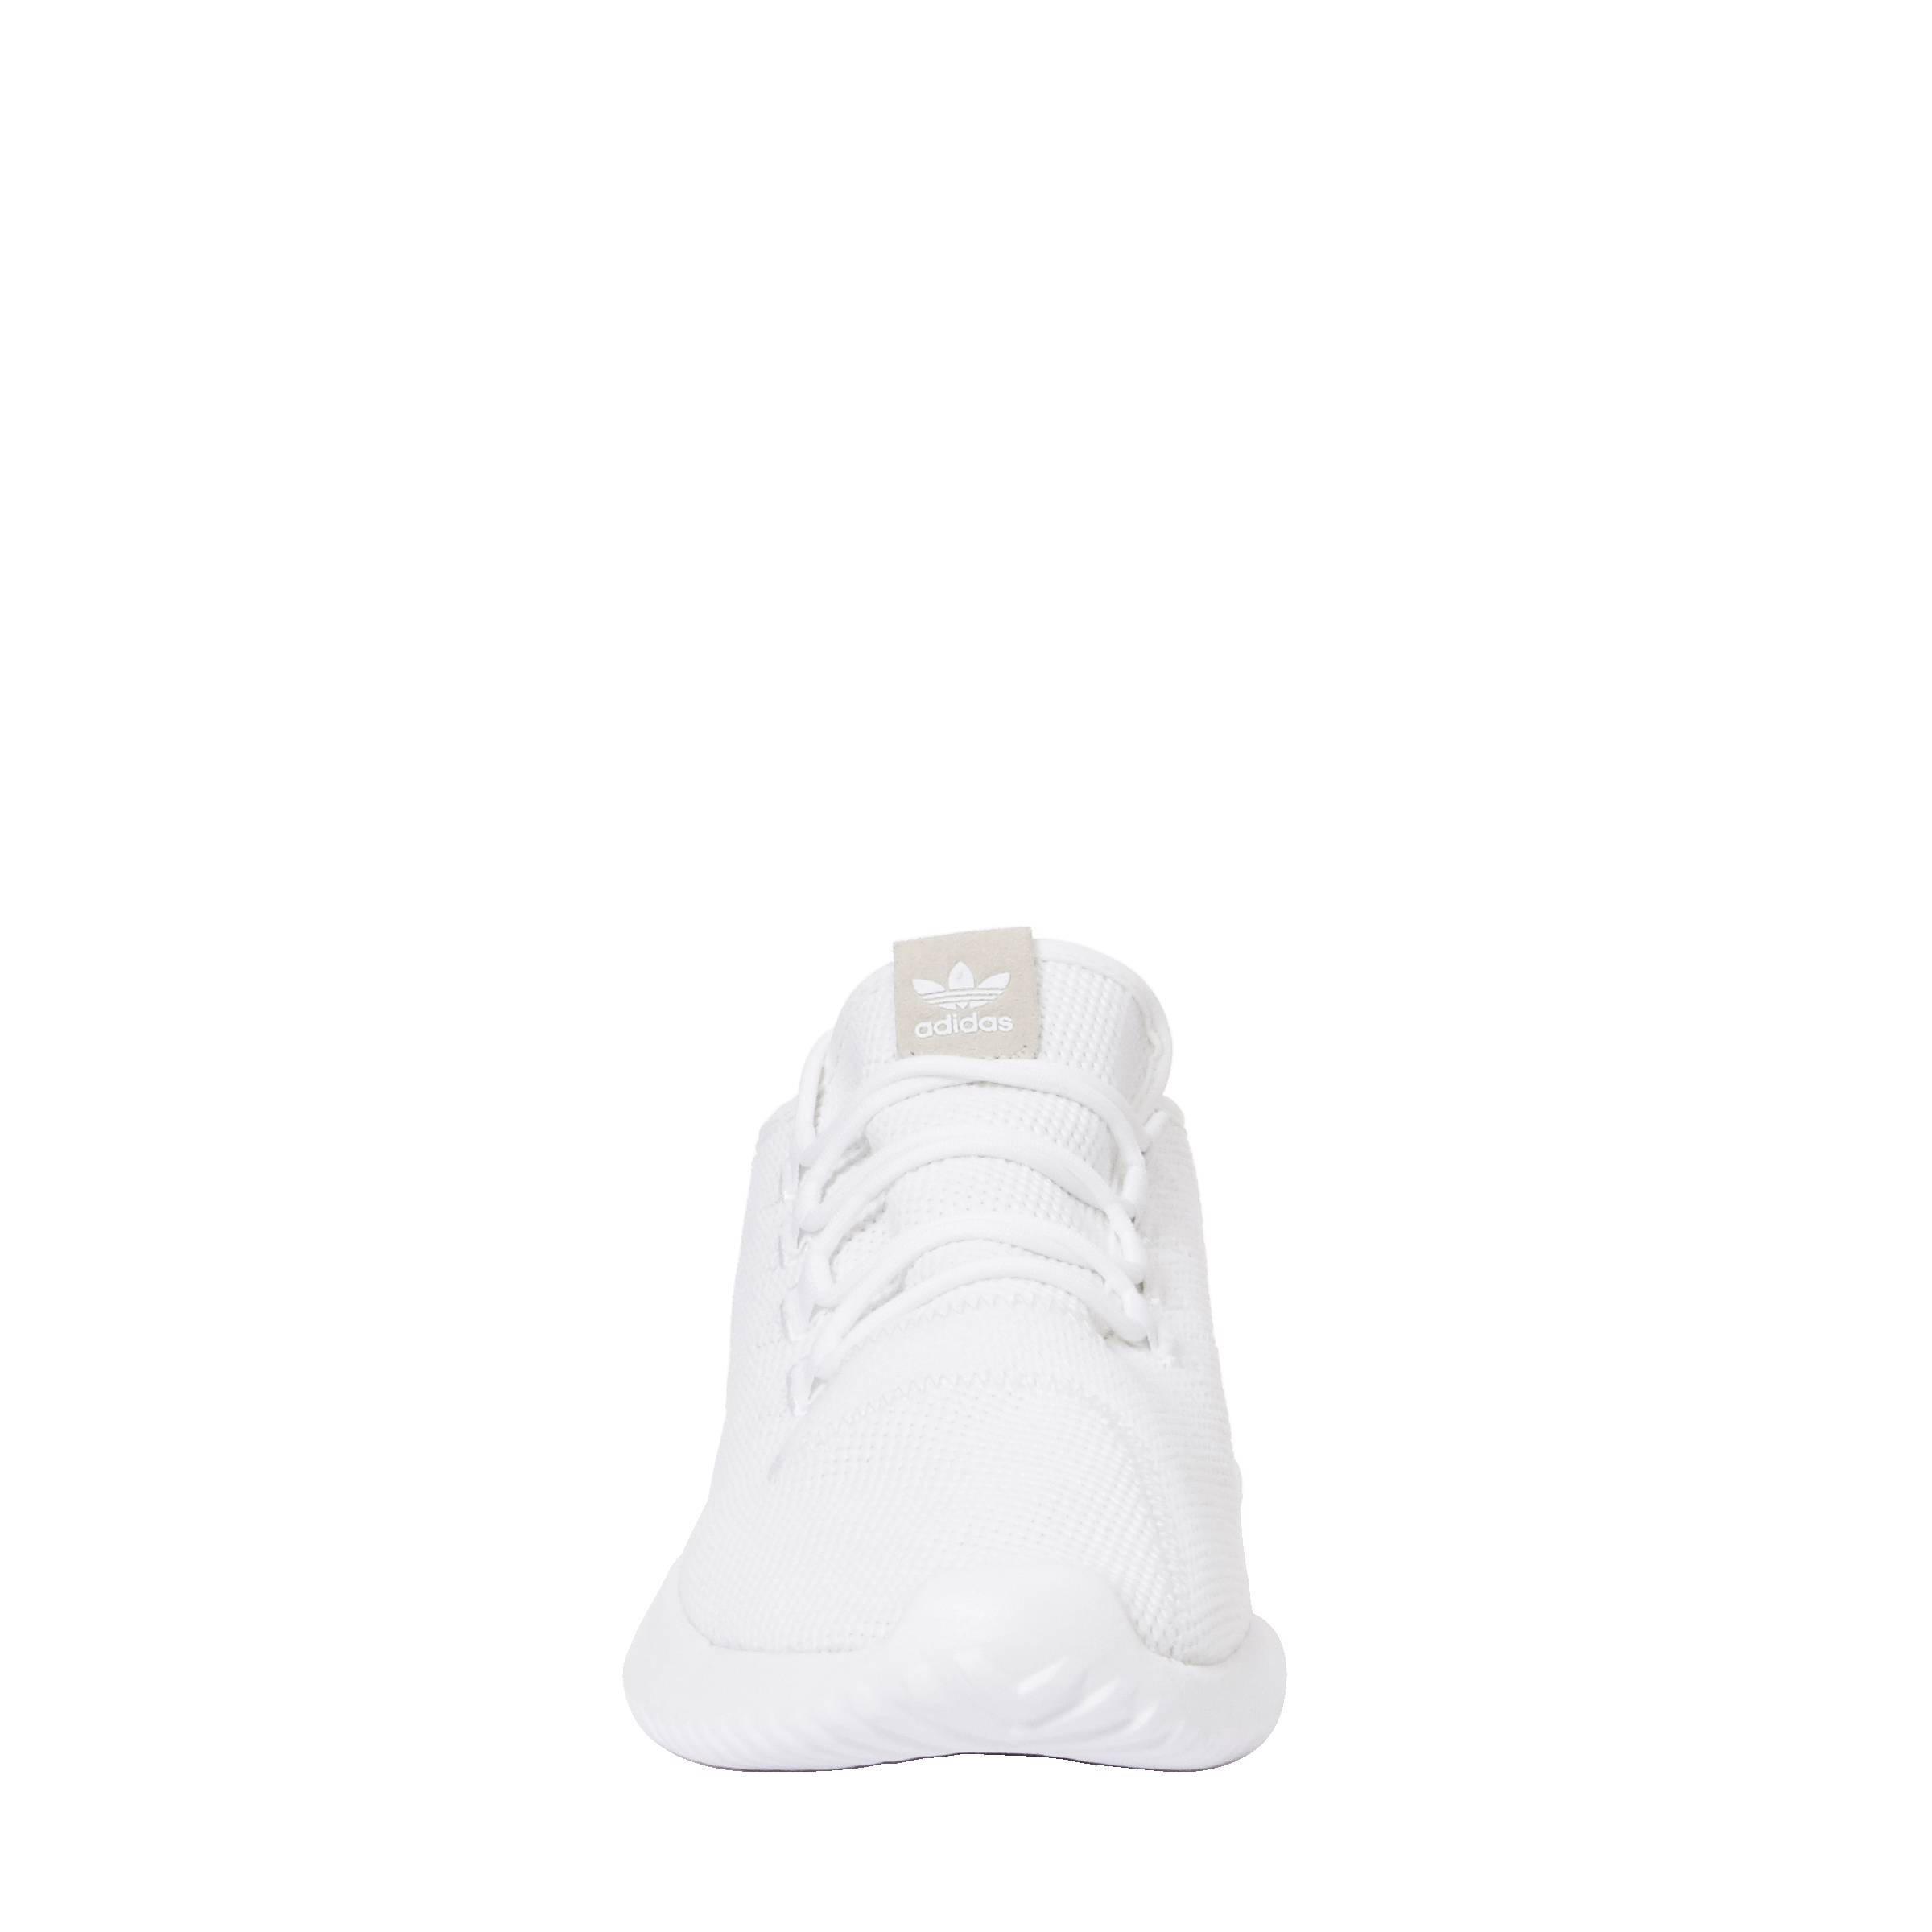 adidas tubular wit